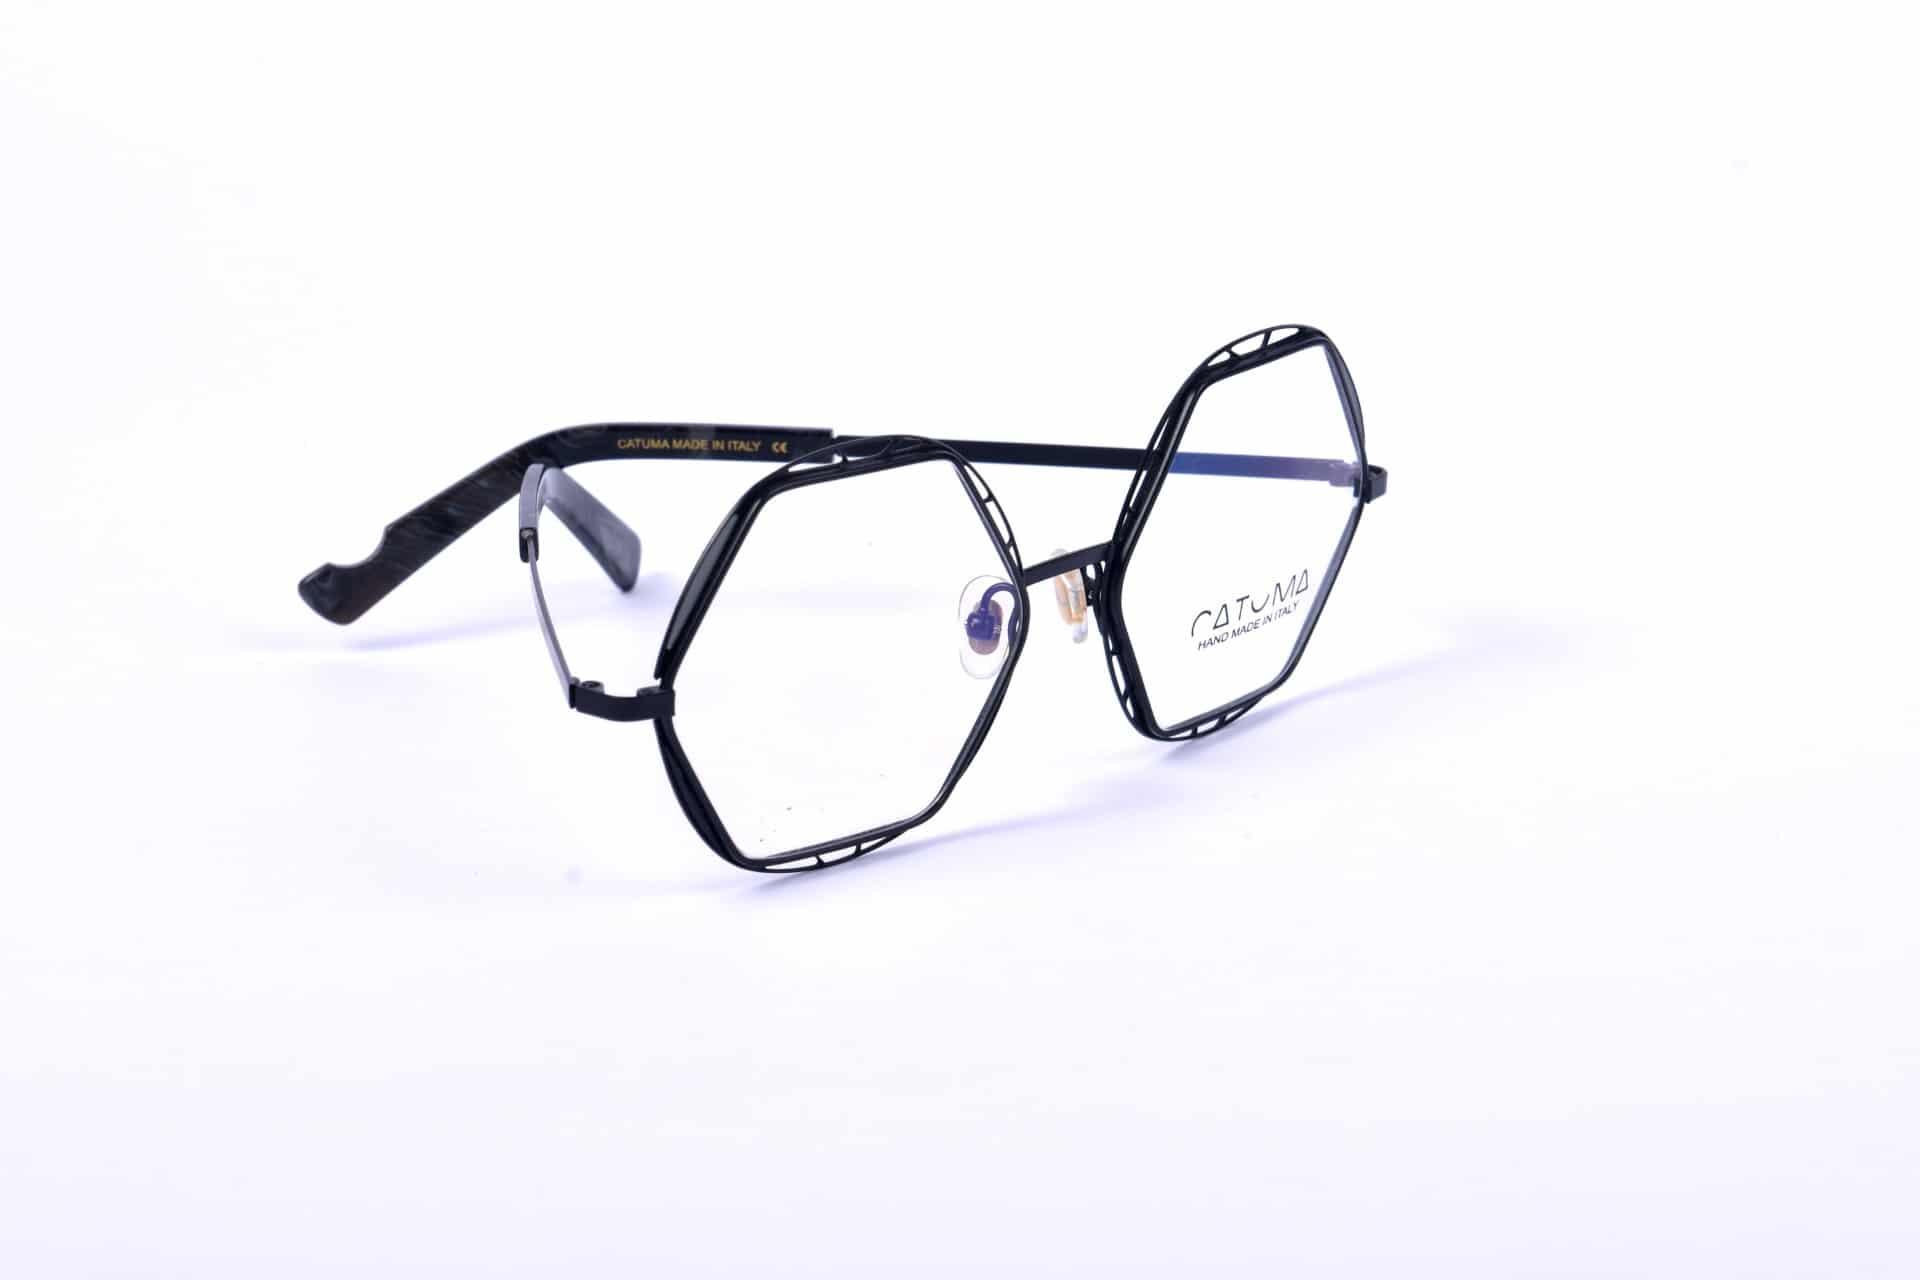 משקפי ראיה מיוחדות - אופטיקה יפעת, בדיקת אופטומטריסט